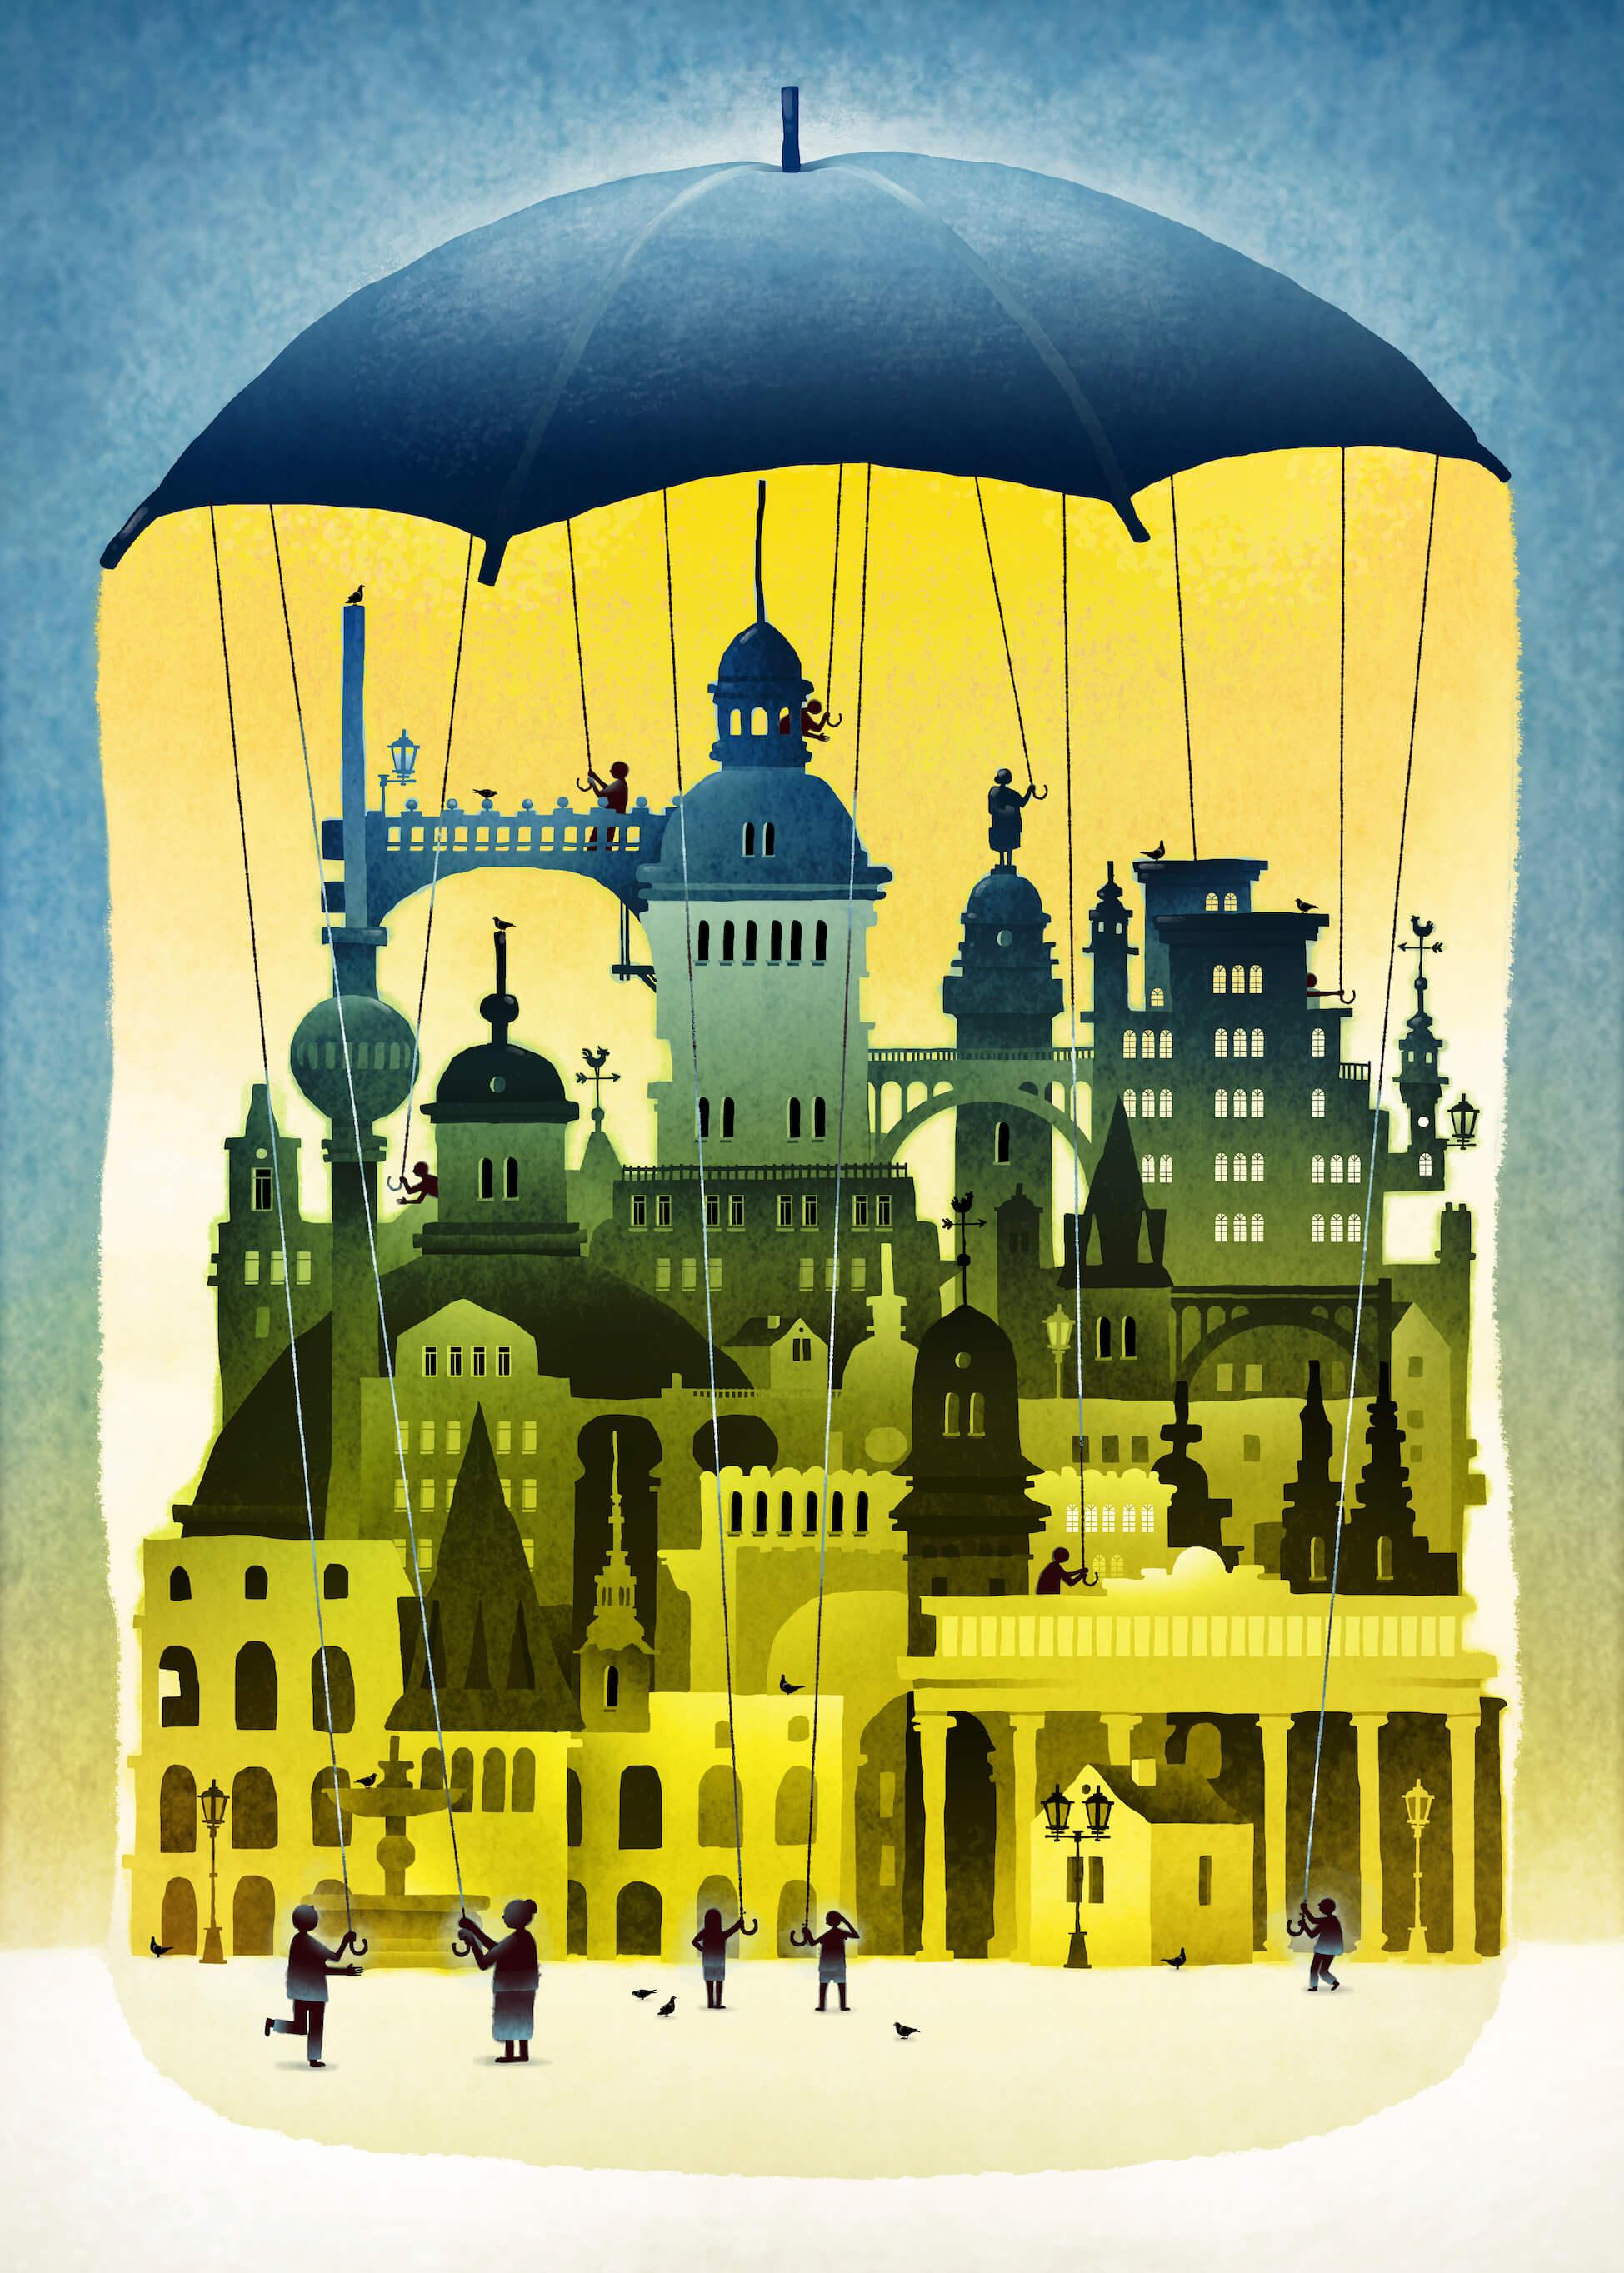 Our Umbrella main image